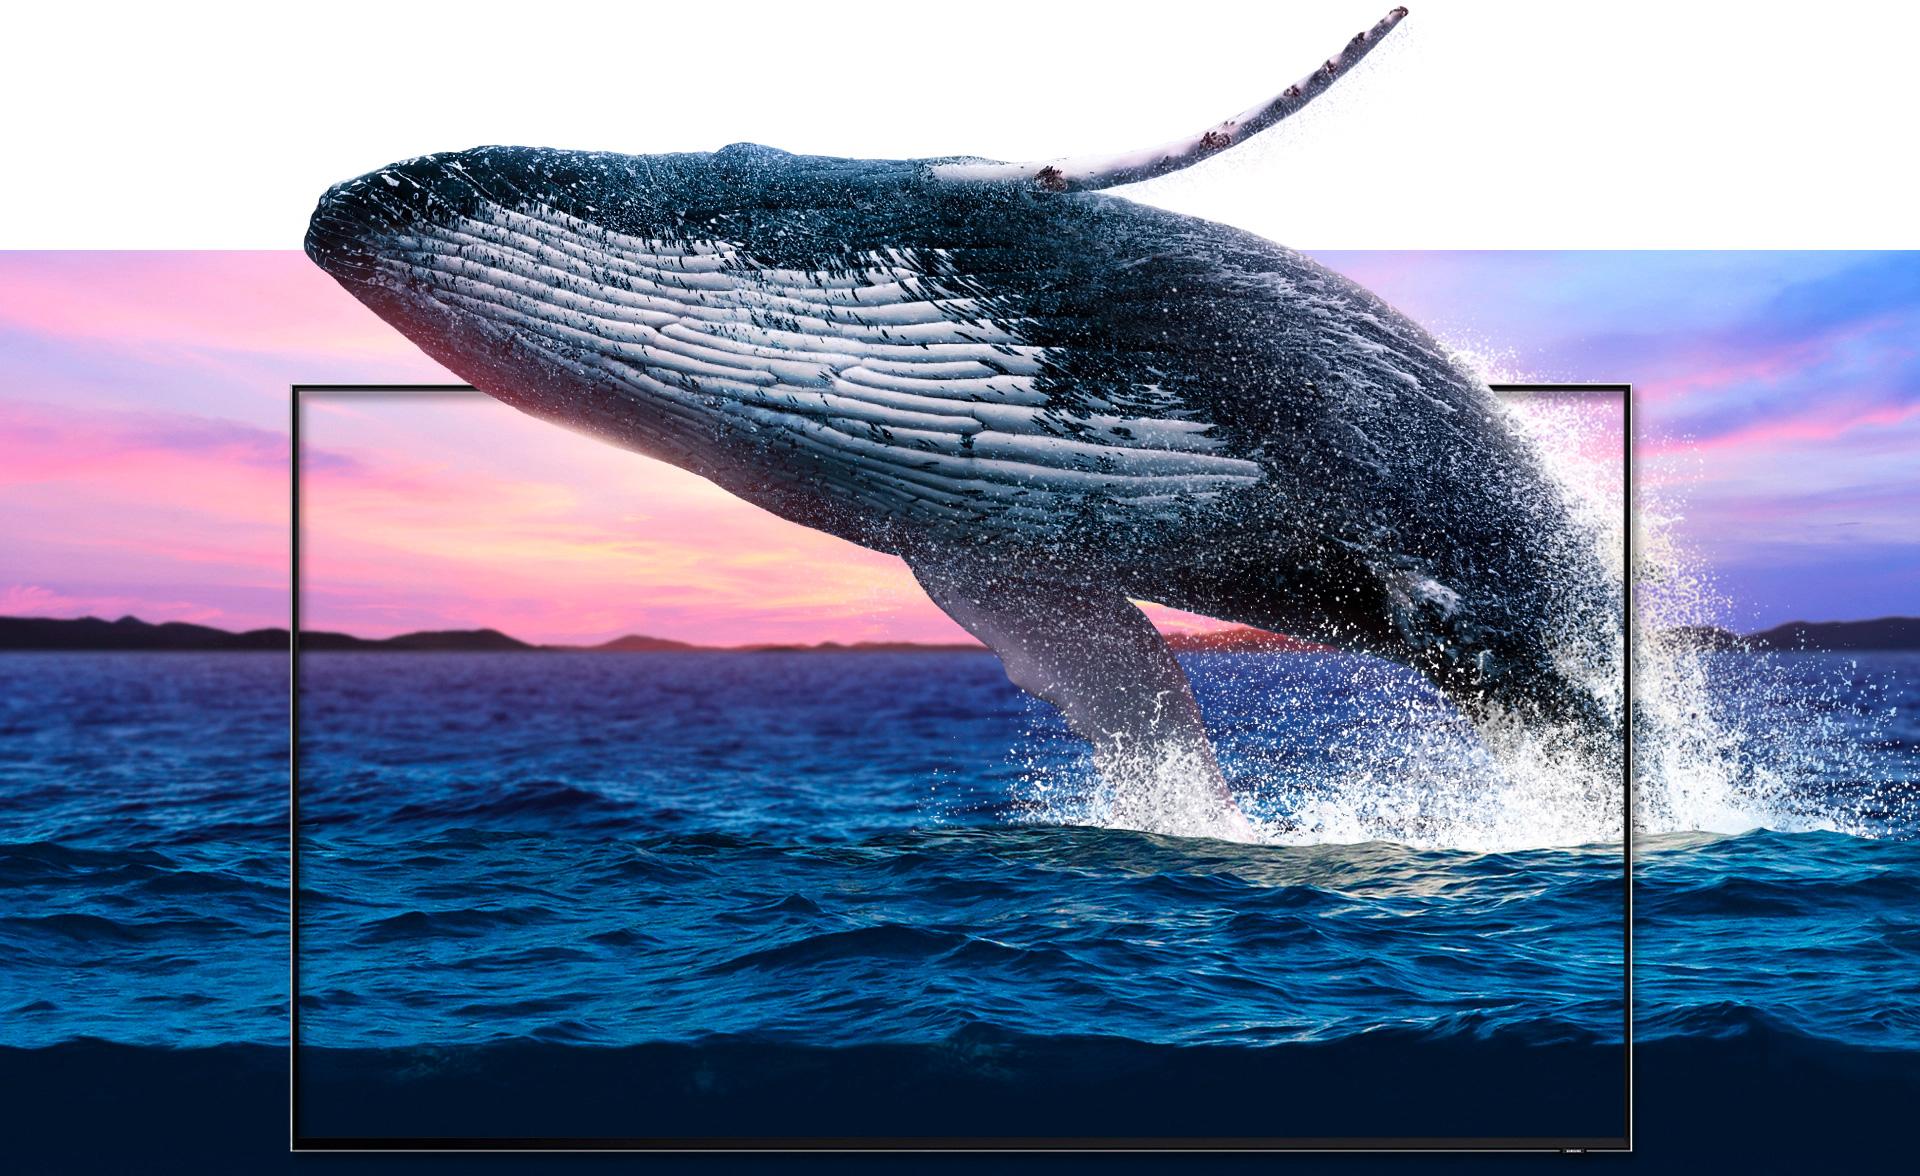 Uma vibrante paisagem marítima justaposta com uma moldura da nova QLED TV instalada no meio da imagem, através da qual uma baleia aparece do oceano. As ondas e a baleia são ilustrados com uma qualidade de detalhes que as tornam extremamente realistas.